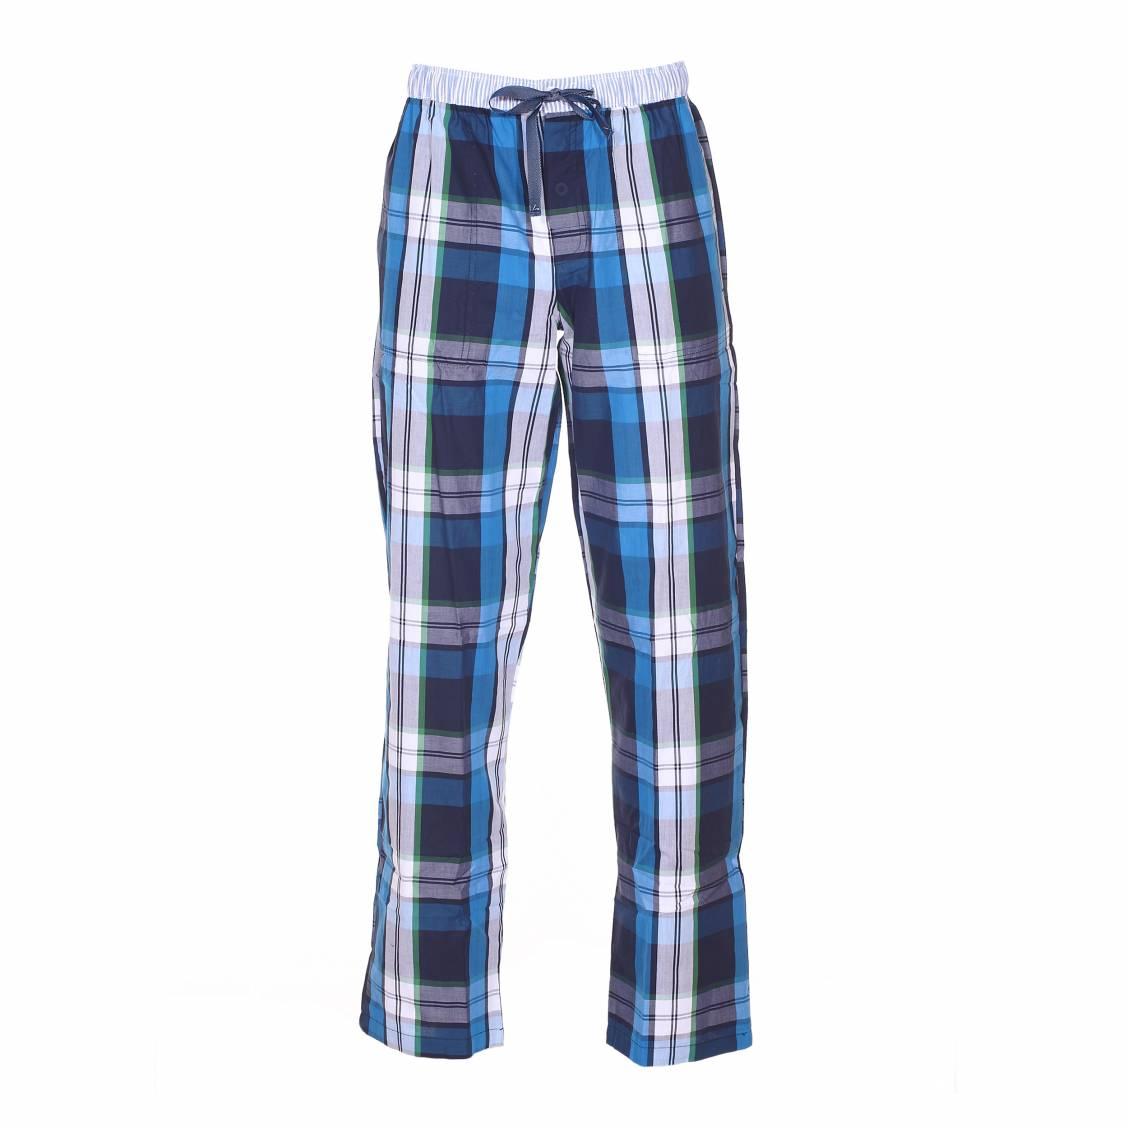 pantalon d 39 int rieur arthur gaspard carreaux bleus verts blancs et gris rue des hommes. Black Bedroom Furniture Sets. Home Design Ideas